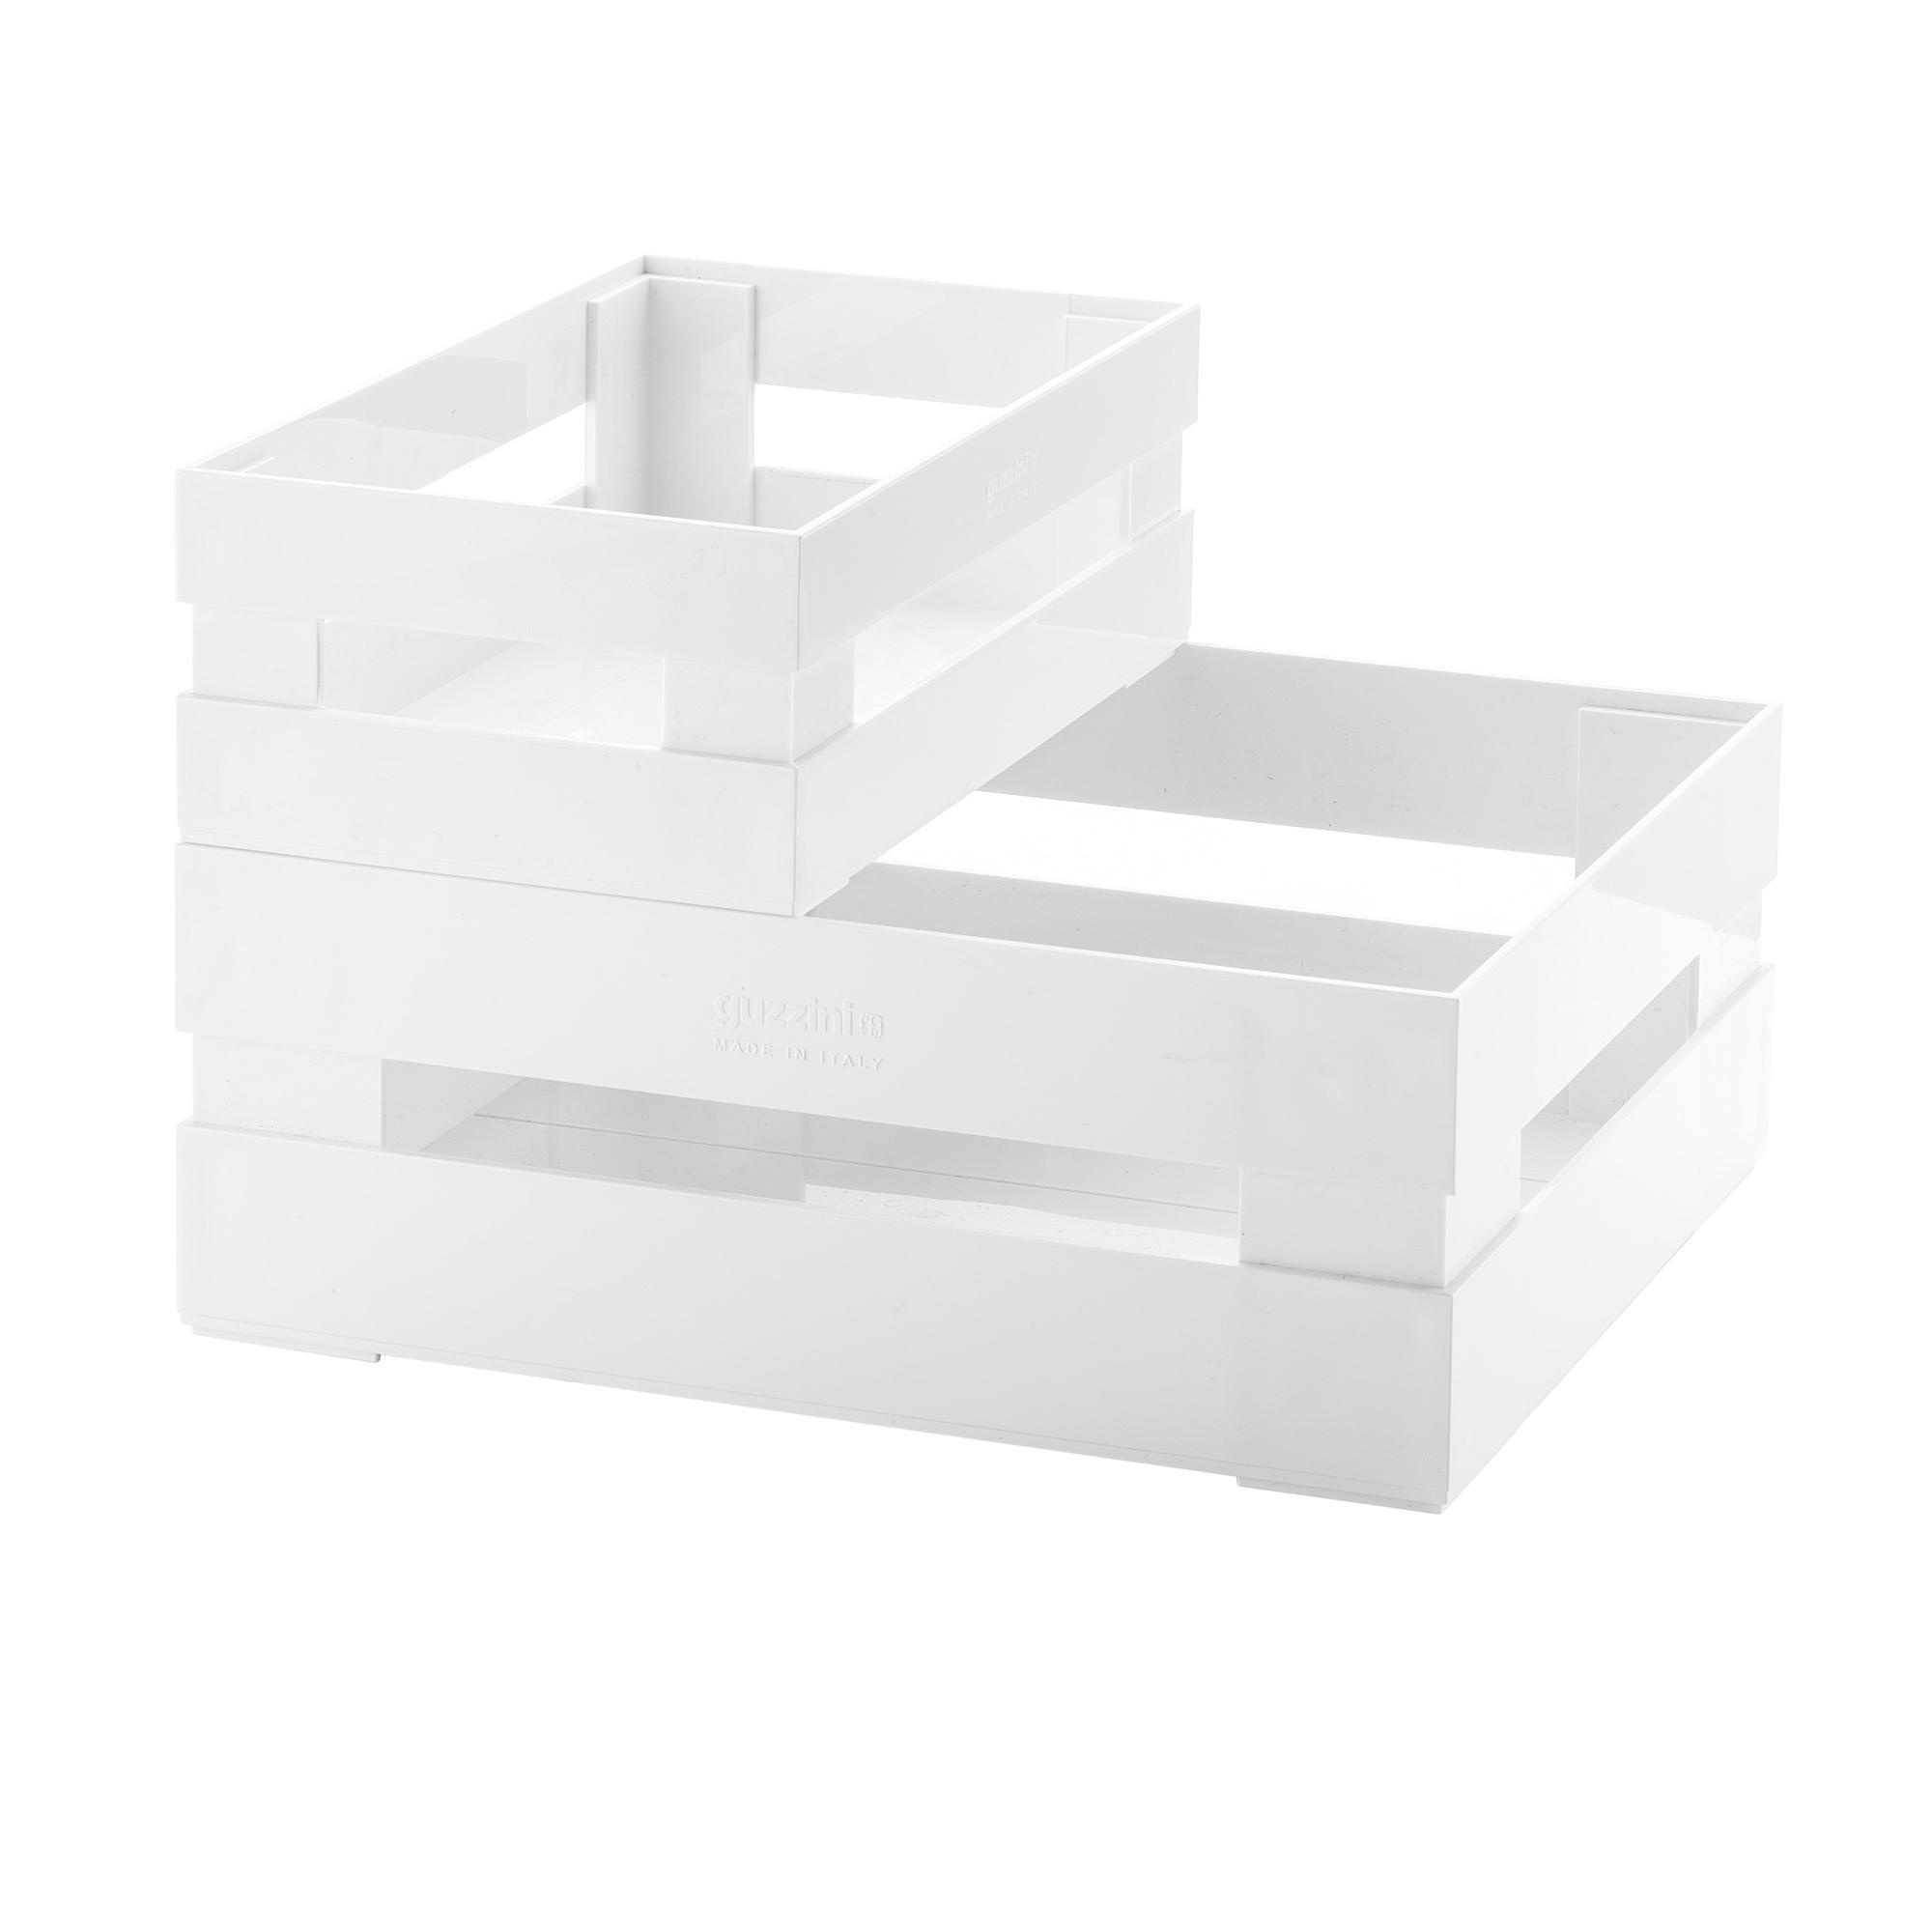 Set 2 Cassette Grande e piccola portafrutta , portatutto 30,5x22,5xh19,5 cm impilabile in acrilico bianco